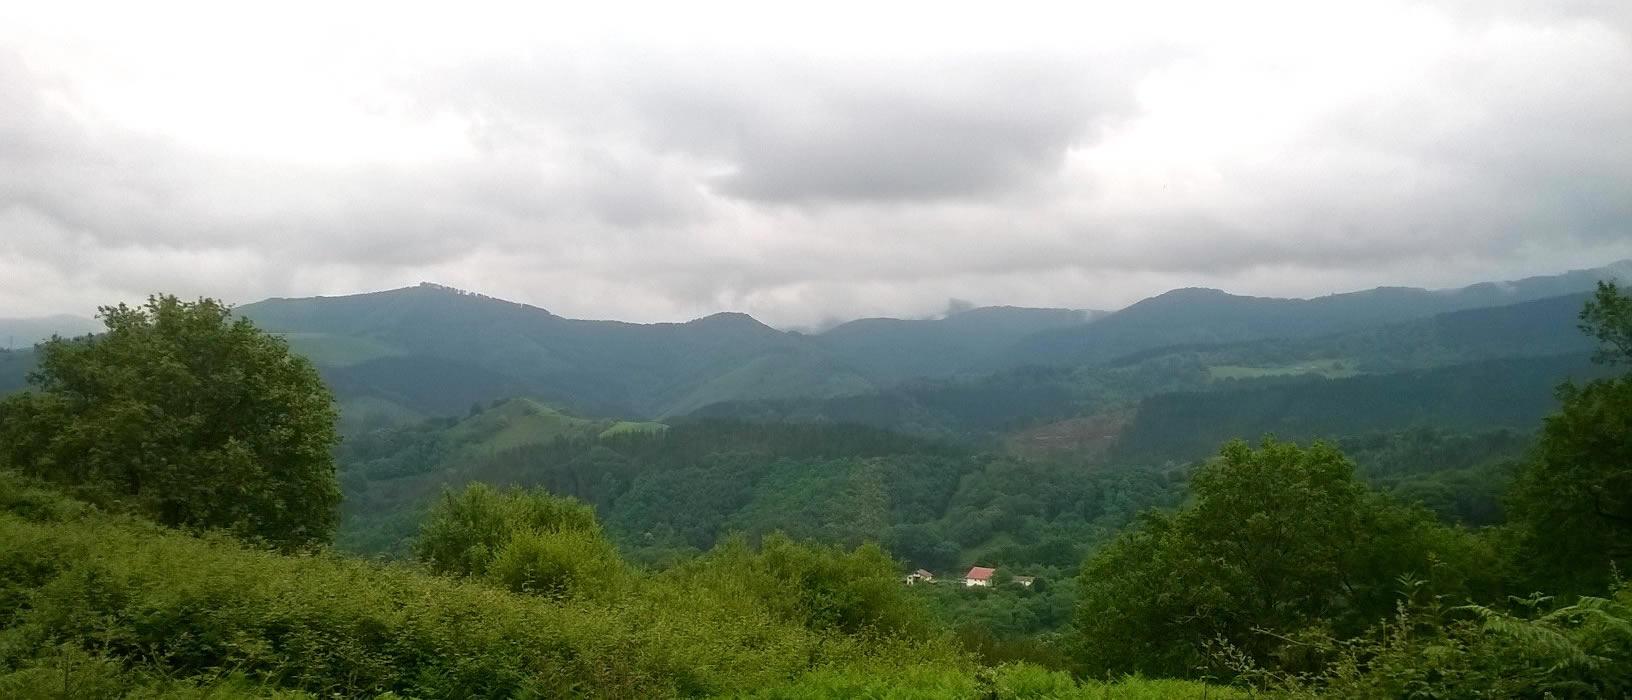 Lesaka views